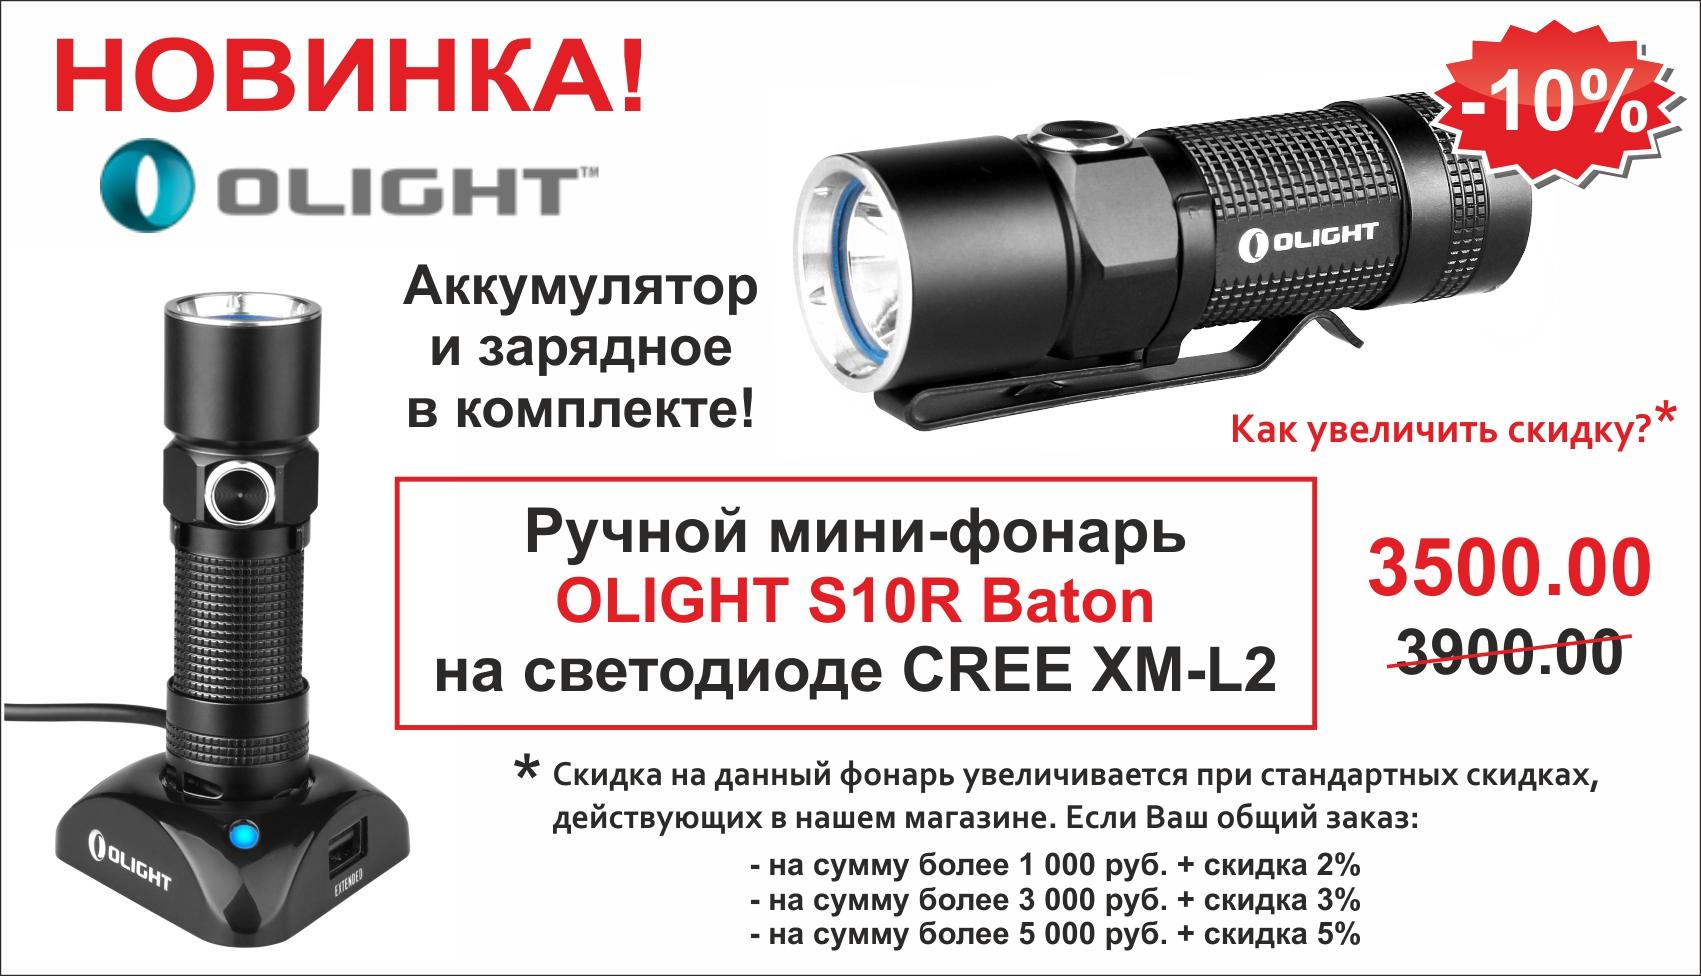 Ручной фирменный мини-фонарь OLIGHT S10R Baton, скидка